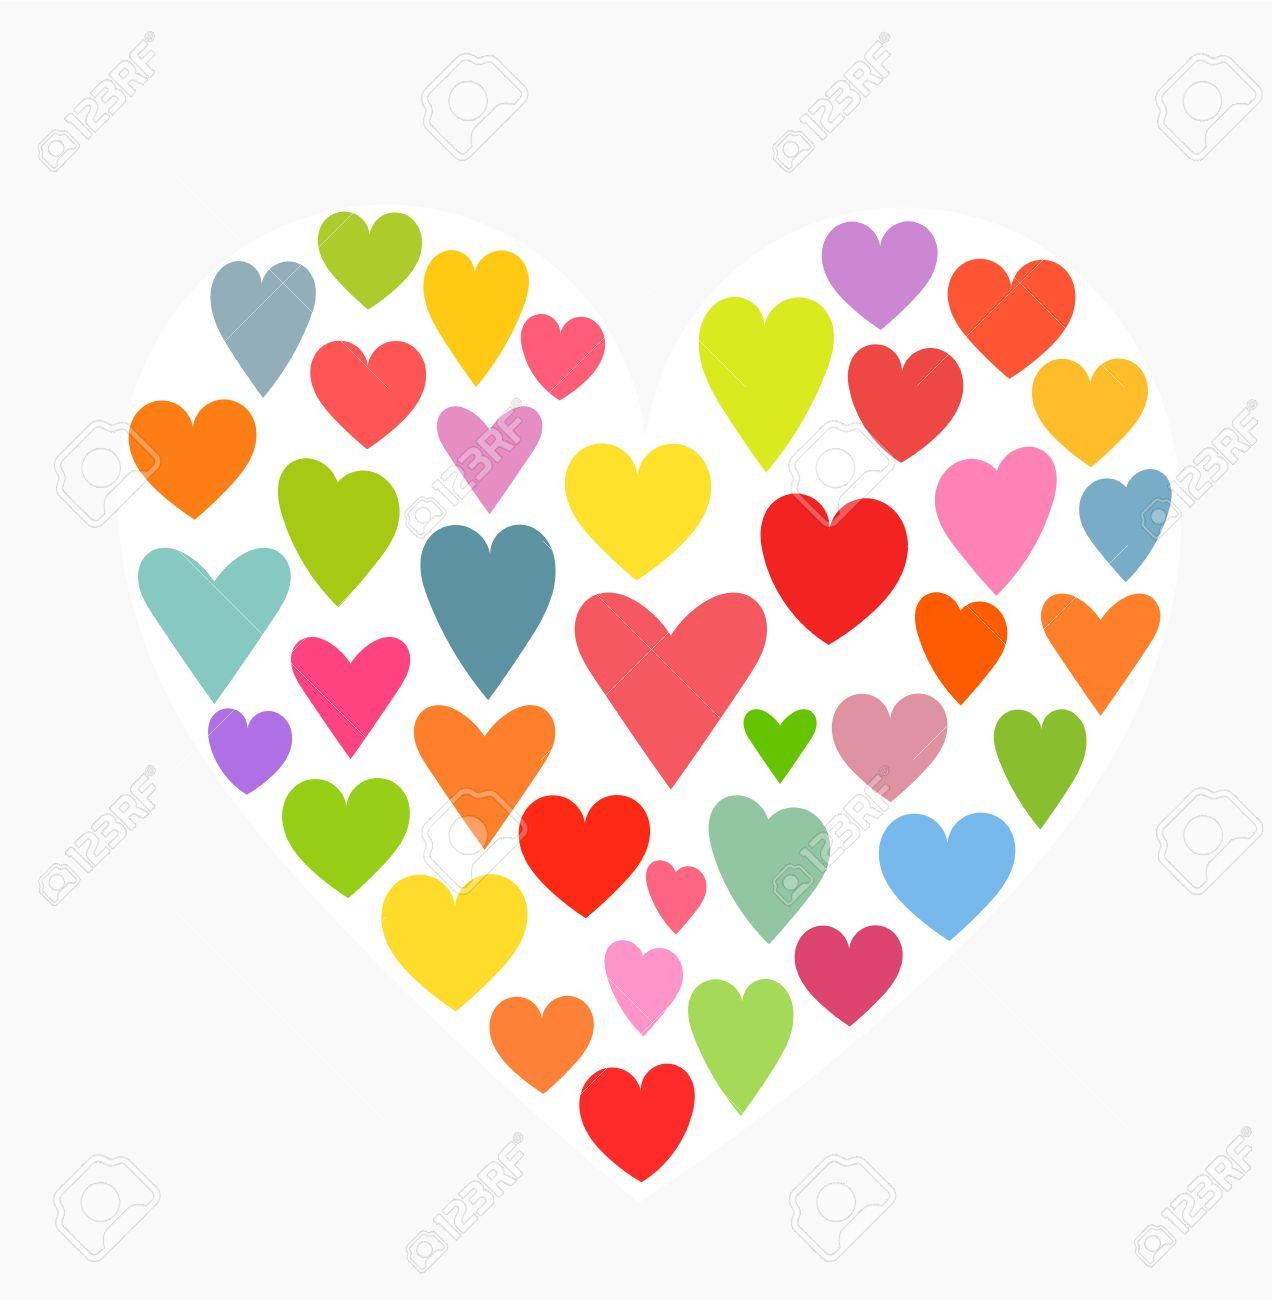 Corazón Hecho De Pequeños Corazones Coloridos Ilustración Vectorial